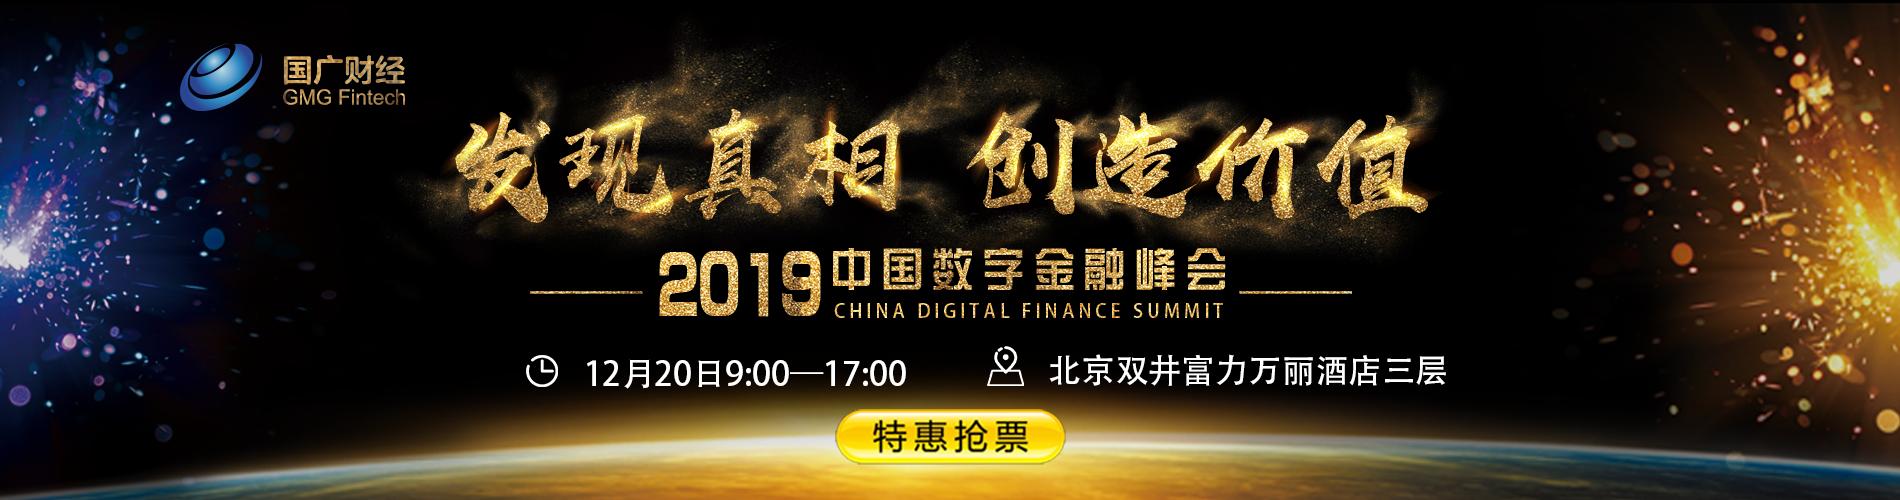 2019中国数字金融峰会——发现真相 创造价值